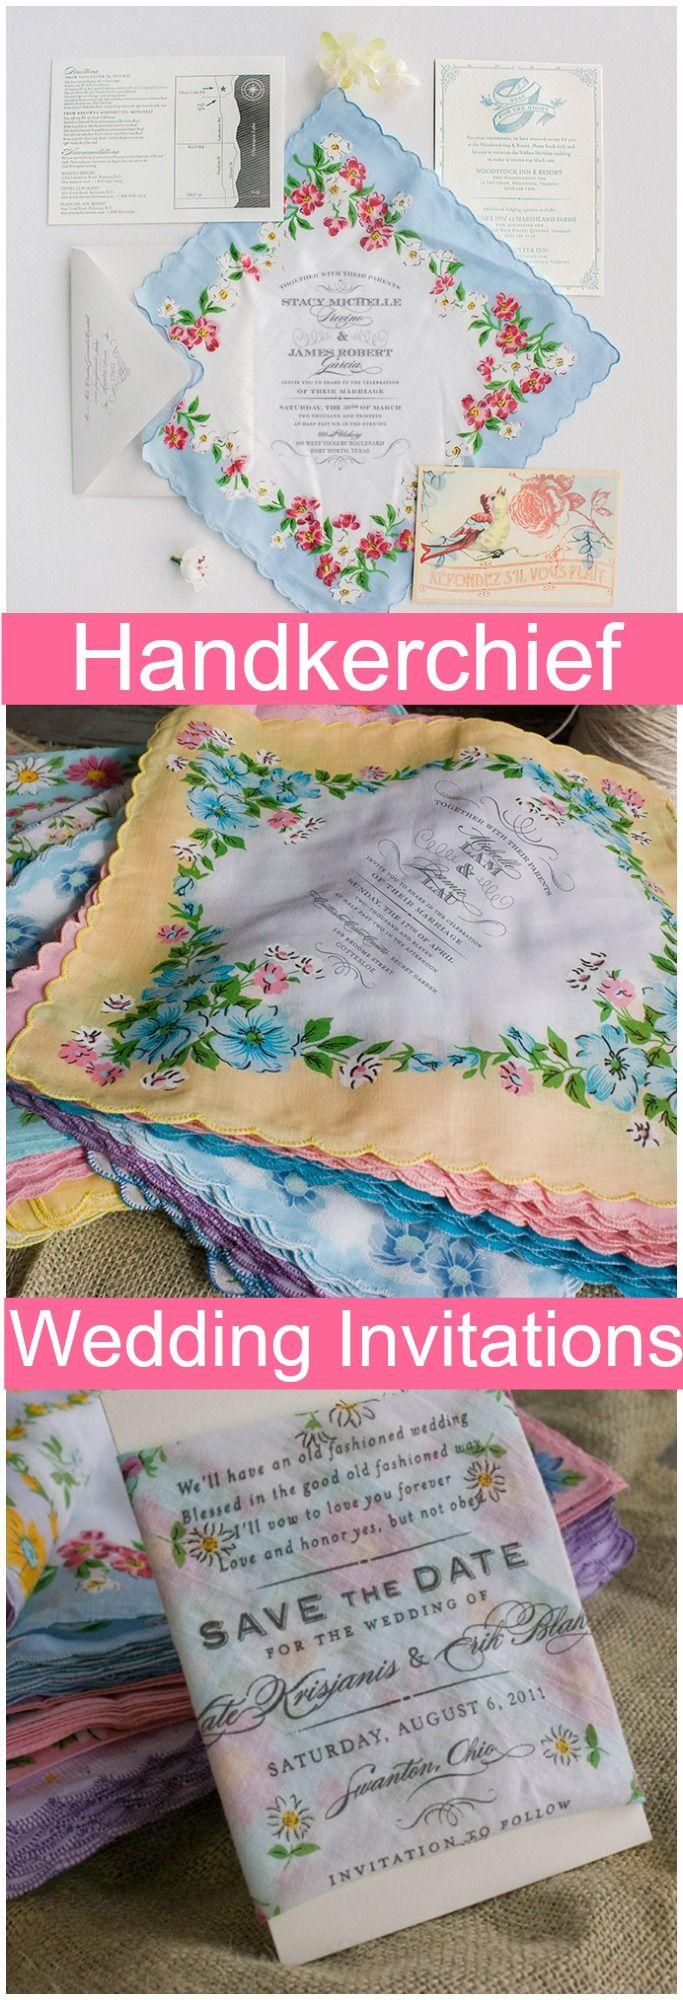 vintage country garden wedding invitations%0A Handkerchief Wedding Invitations